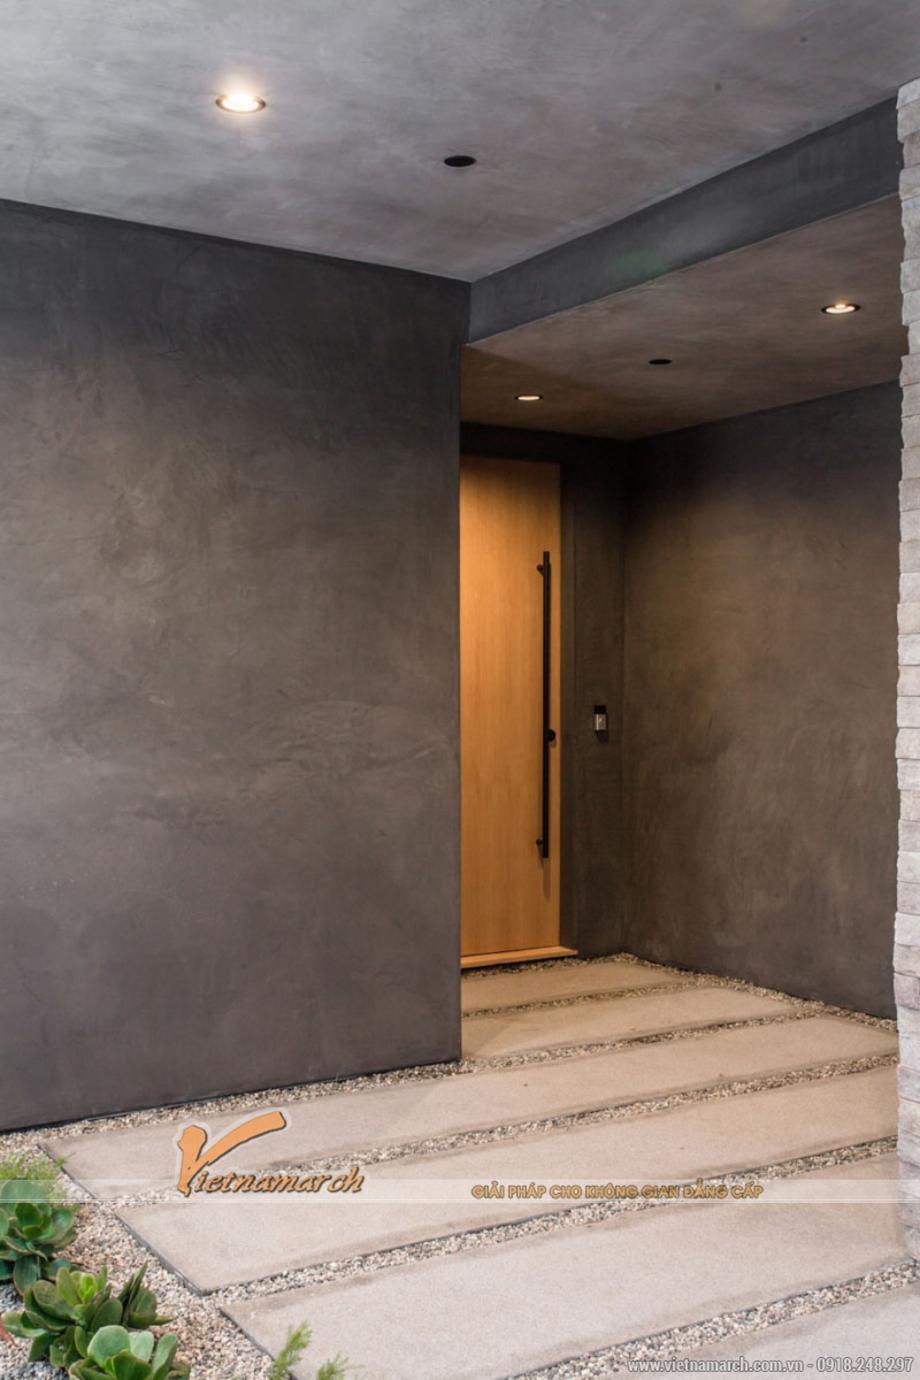 Chìm đắm trong những mẫu thiết kế biệt thự không gian mở vô cùng hiện đại và quyến rũ